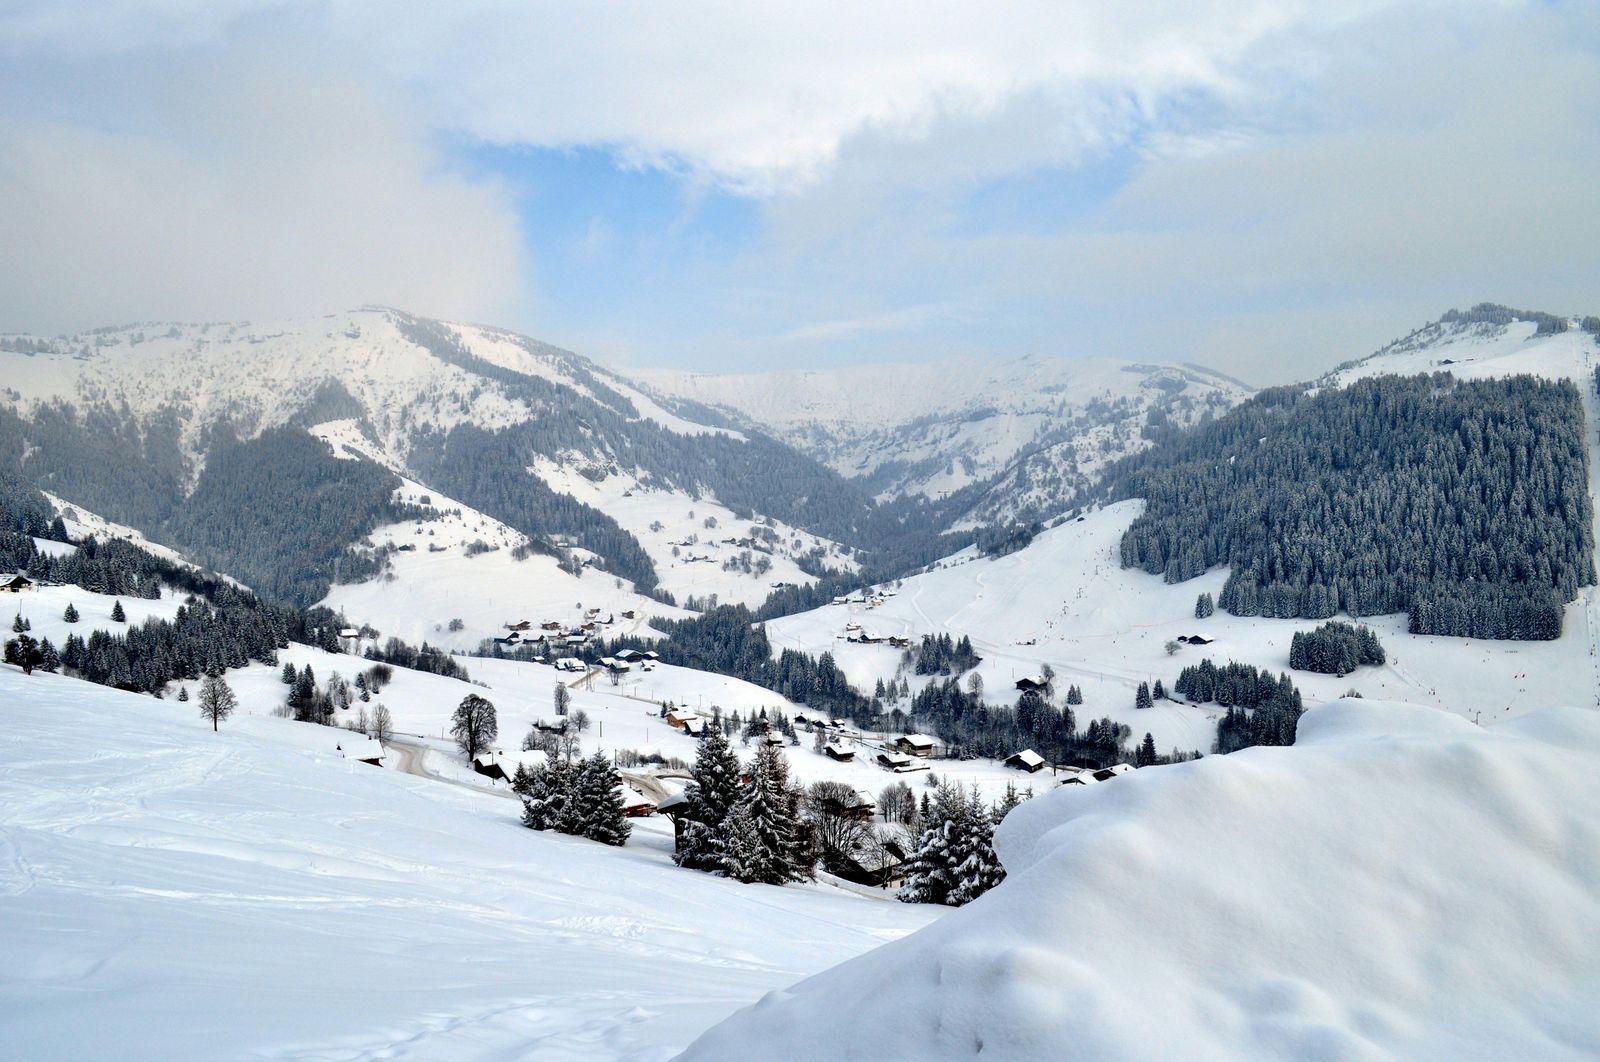 Station de ski de Notre Dame de Bellecombe_Notre-Dame-de-Bel